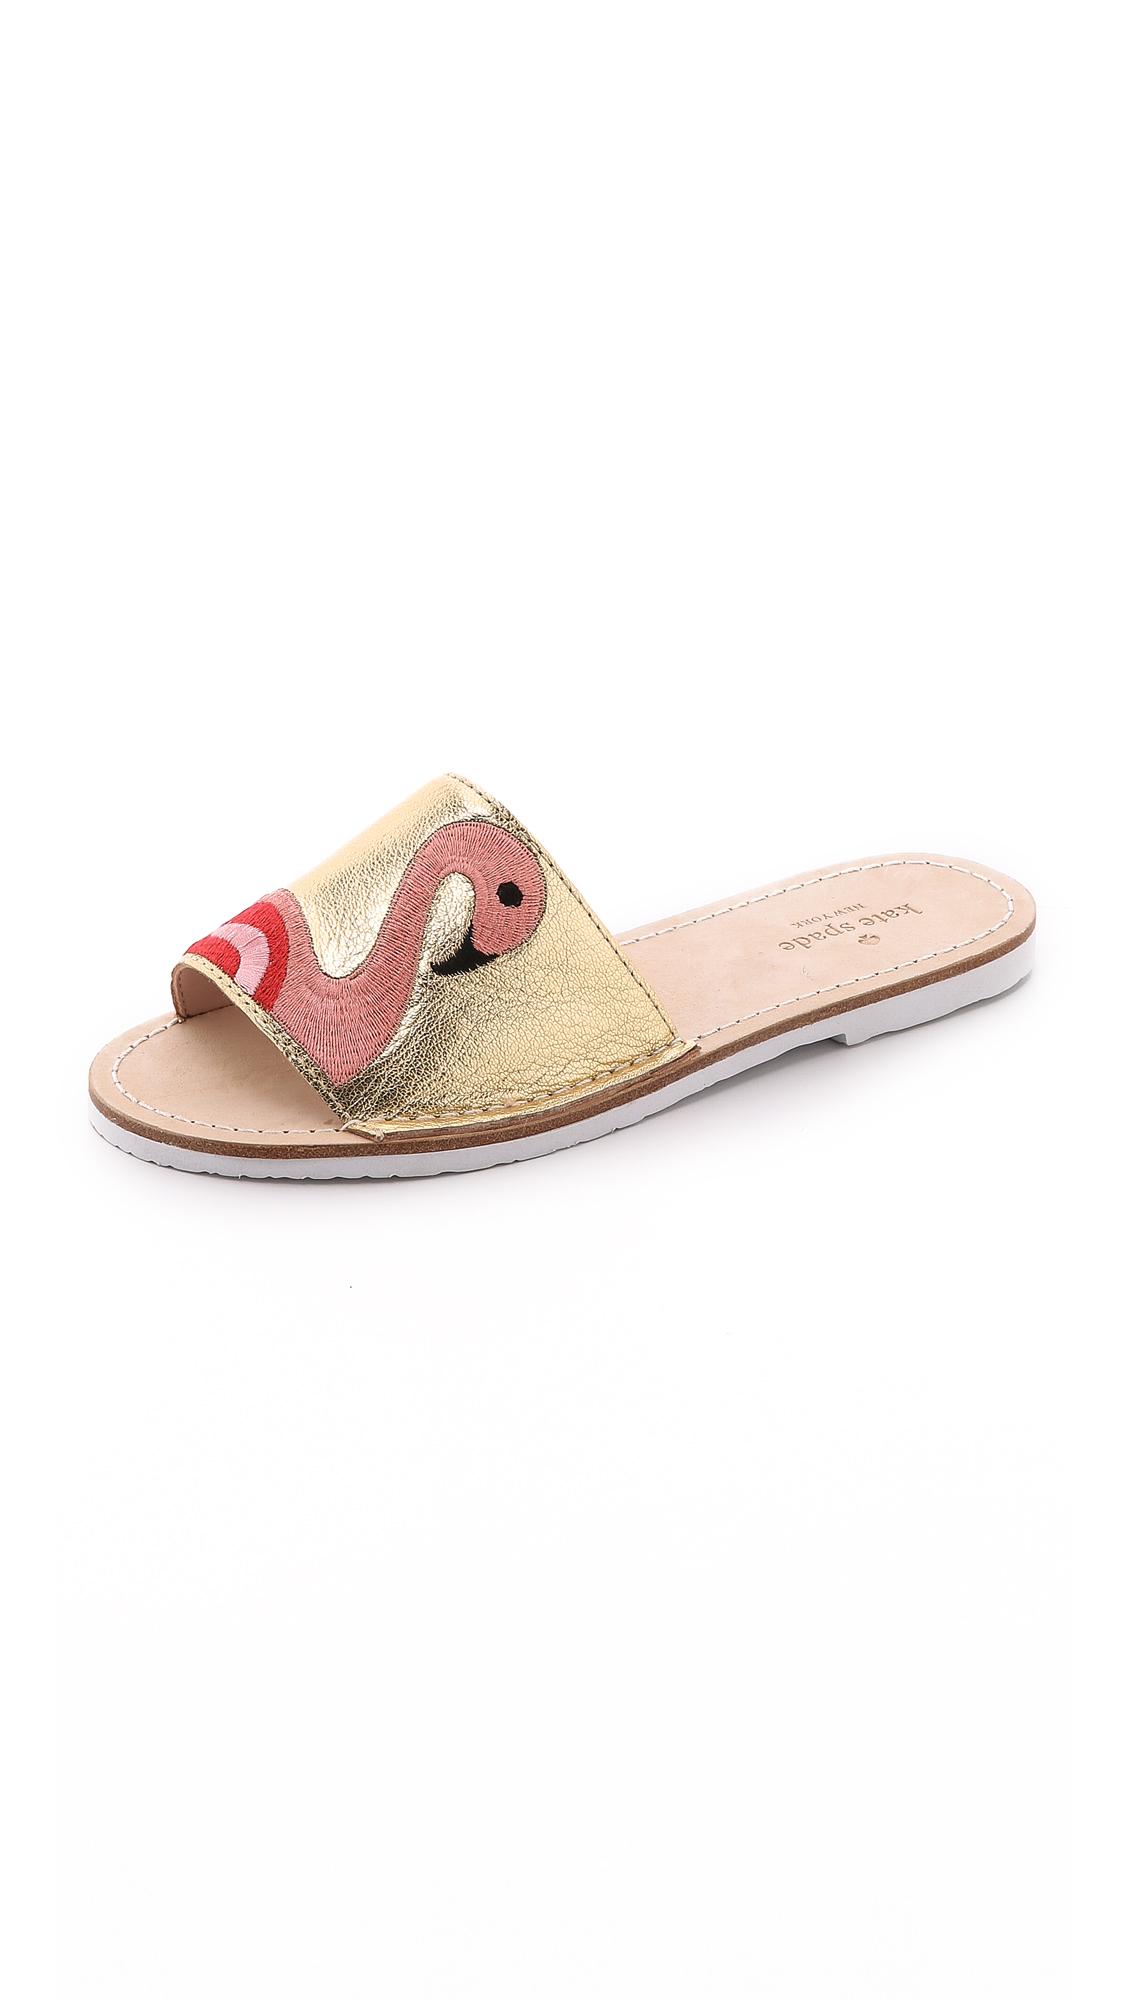 Kate Spade Uk Sizing Shoes